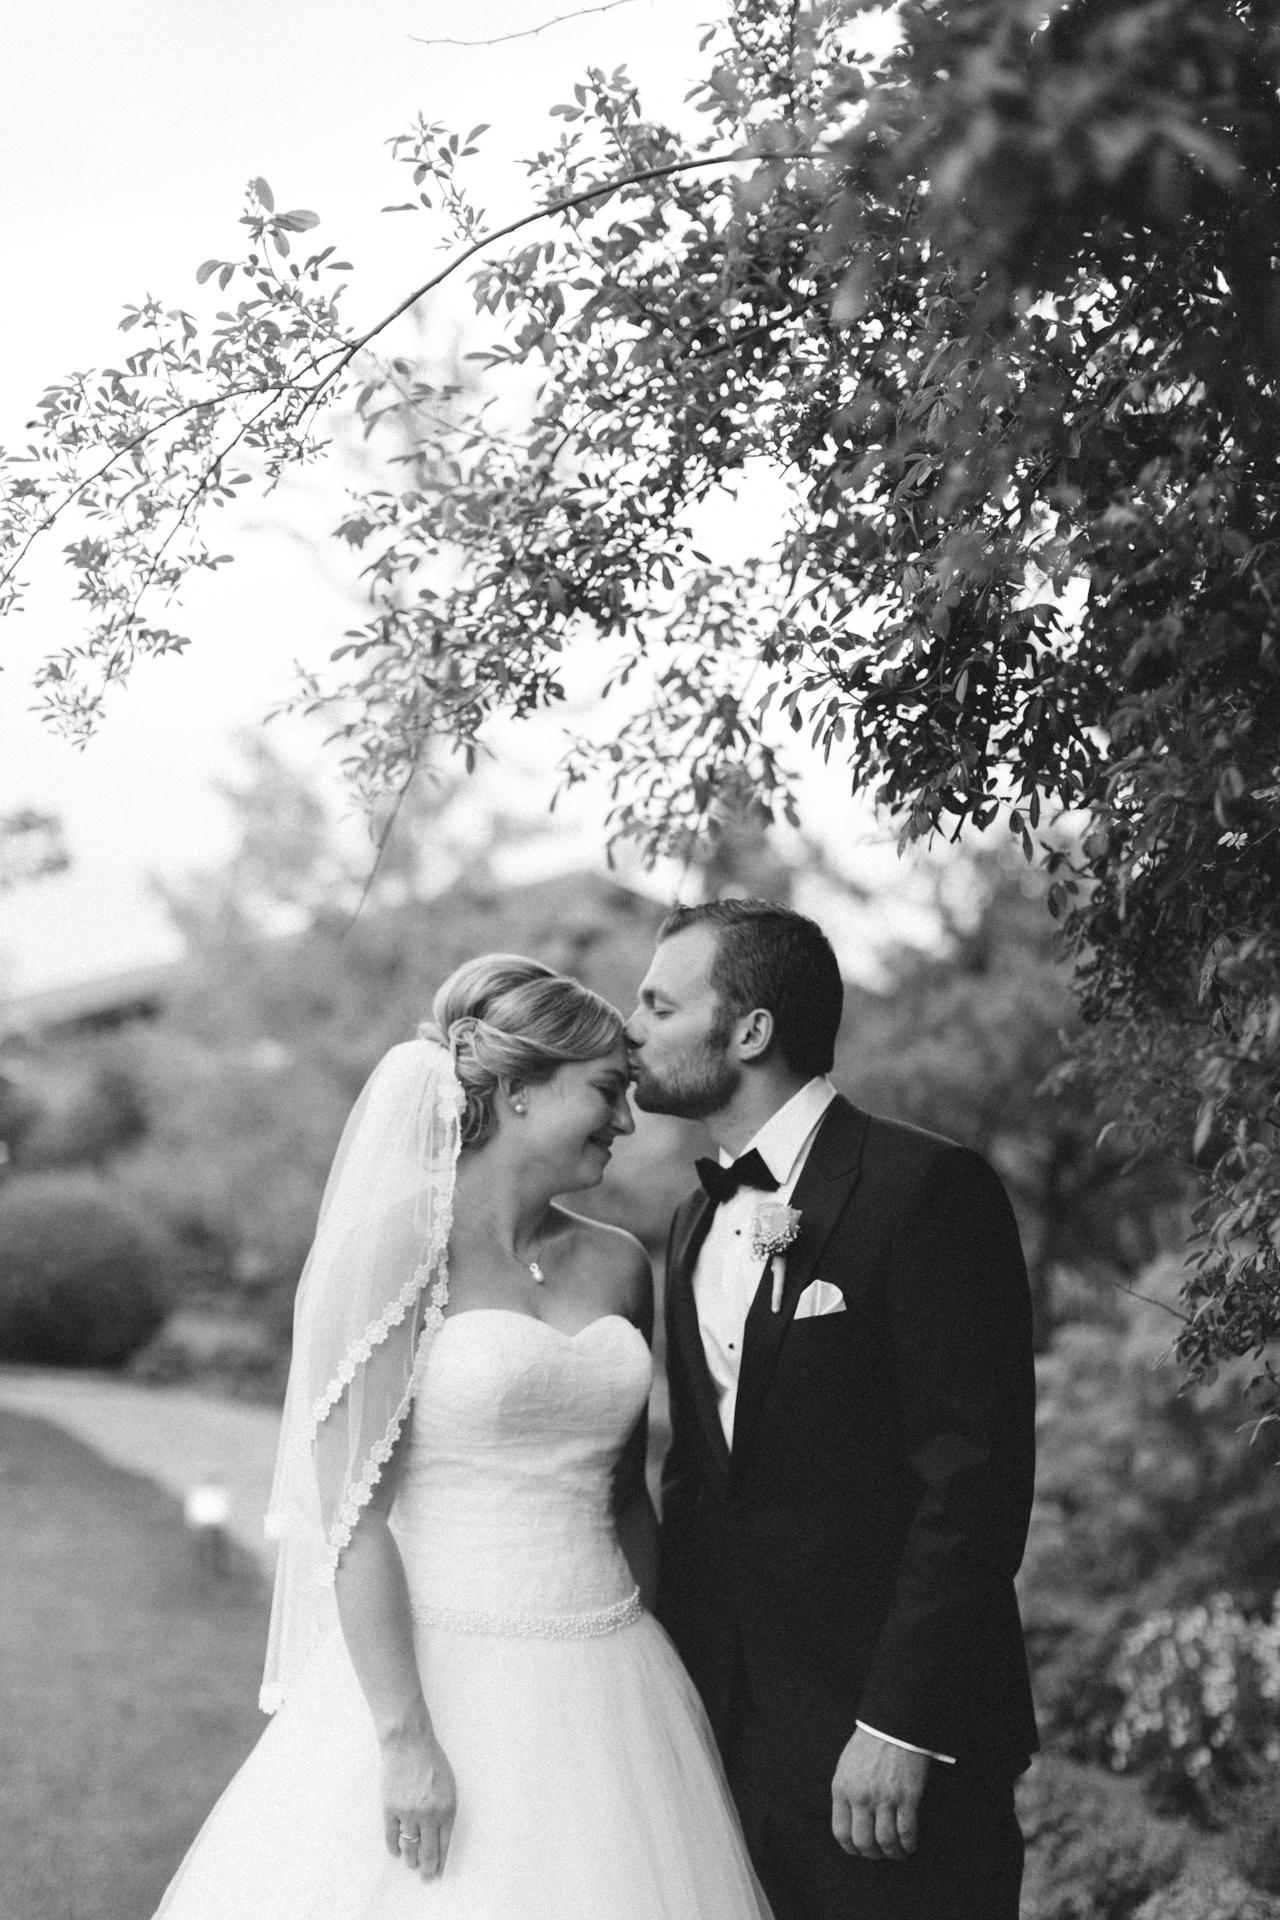 Hochzeit Eventscheune Dagobertshausen - Julia & Florian - Sandra Socha Fotografie - 77